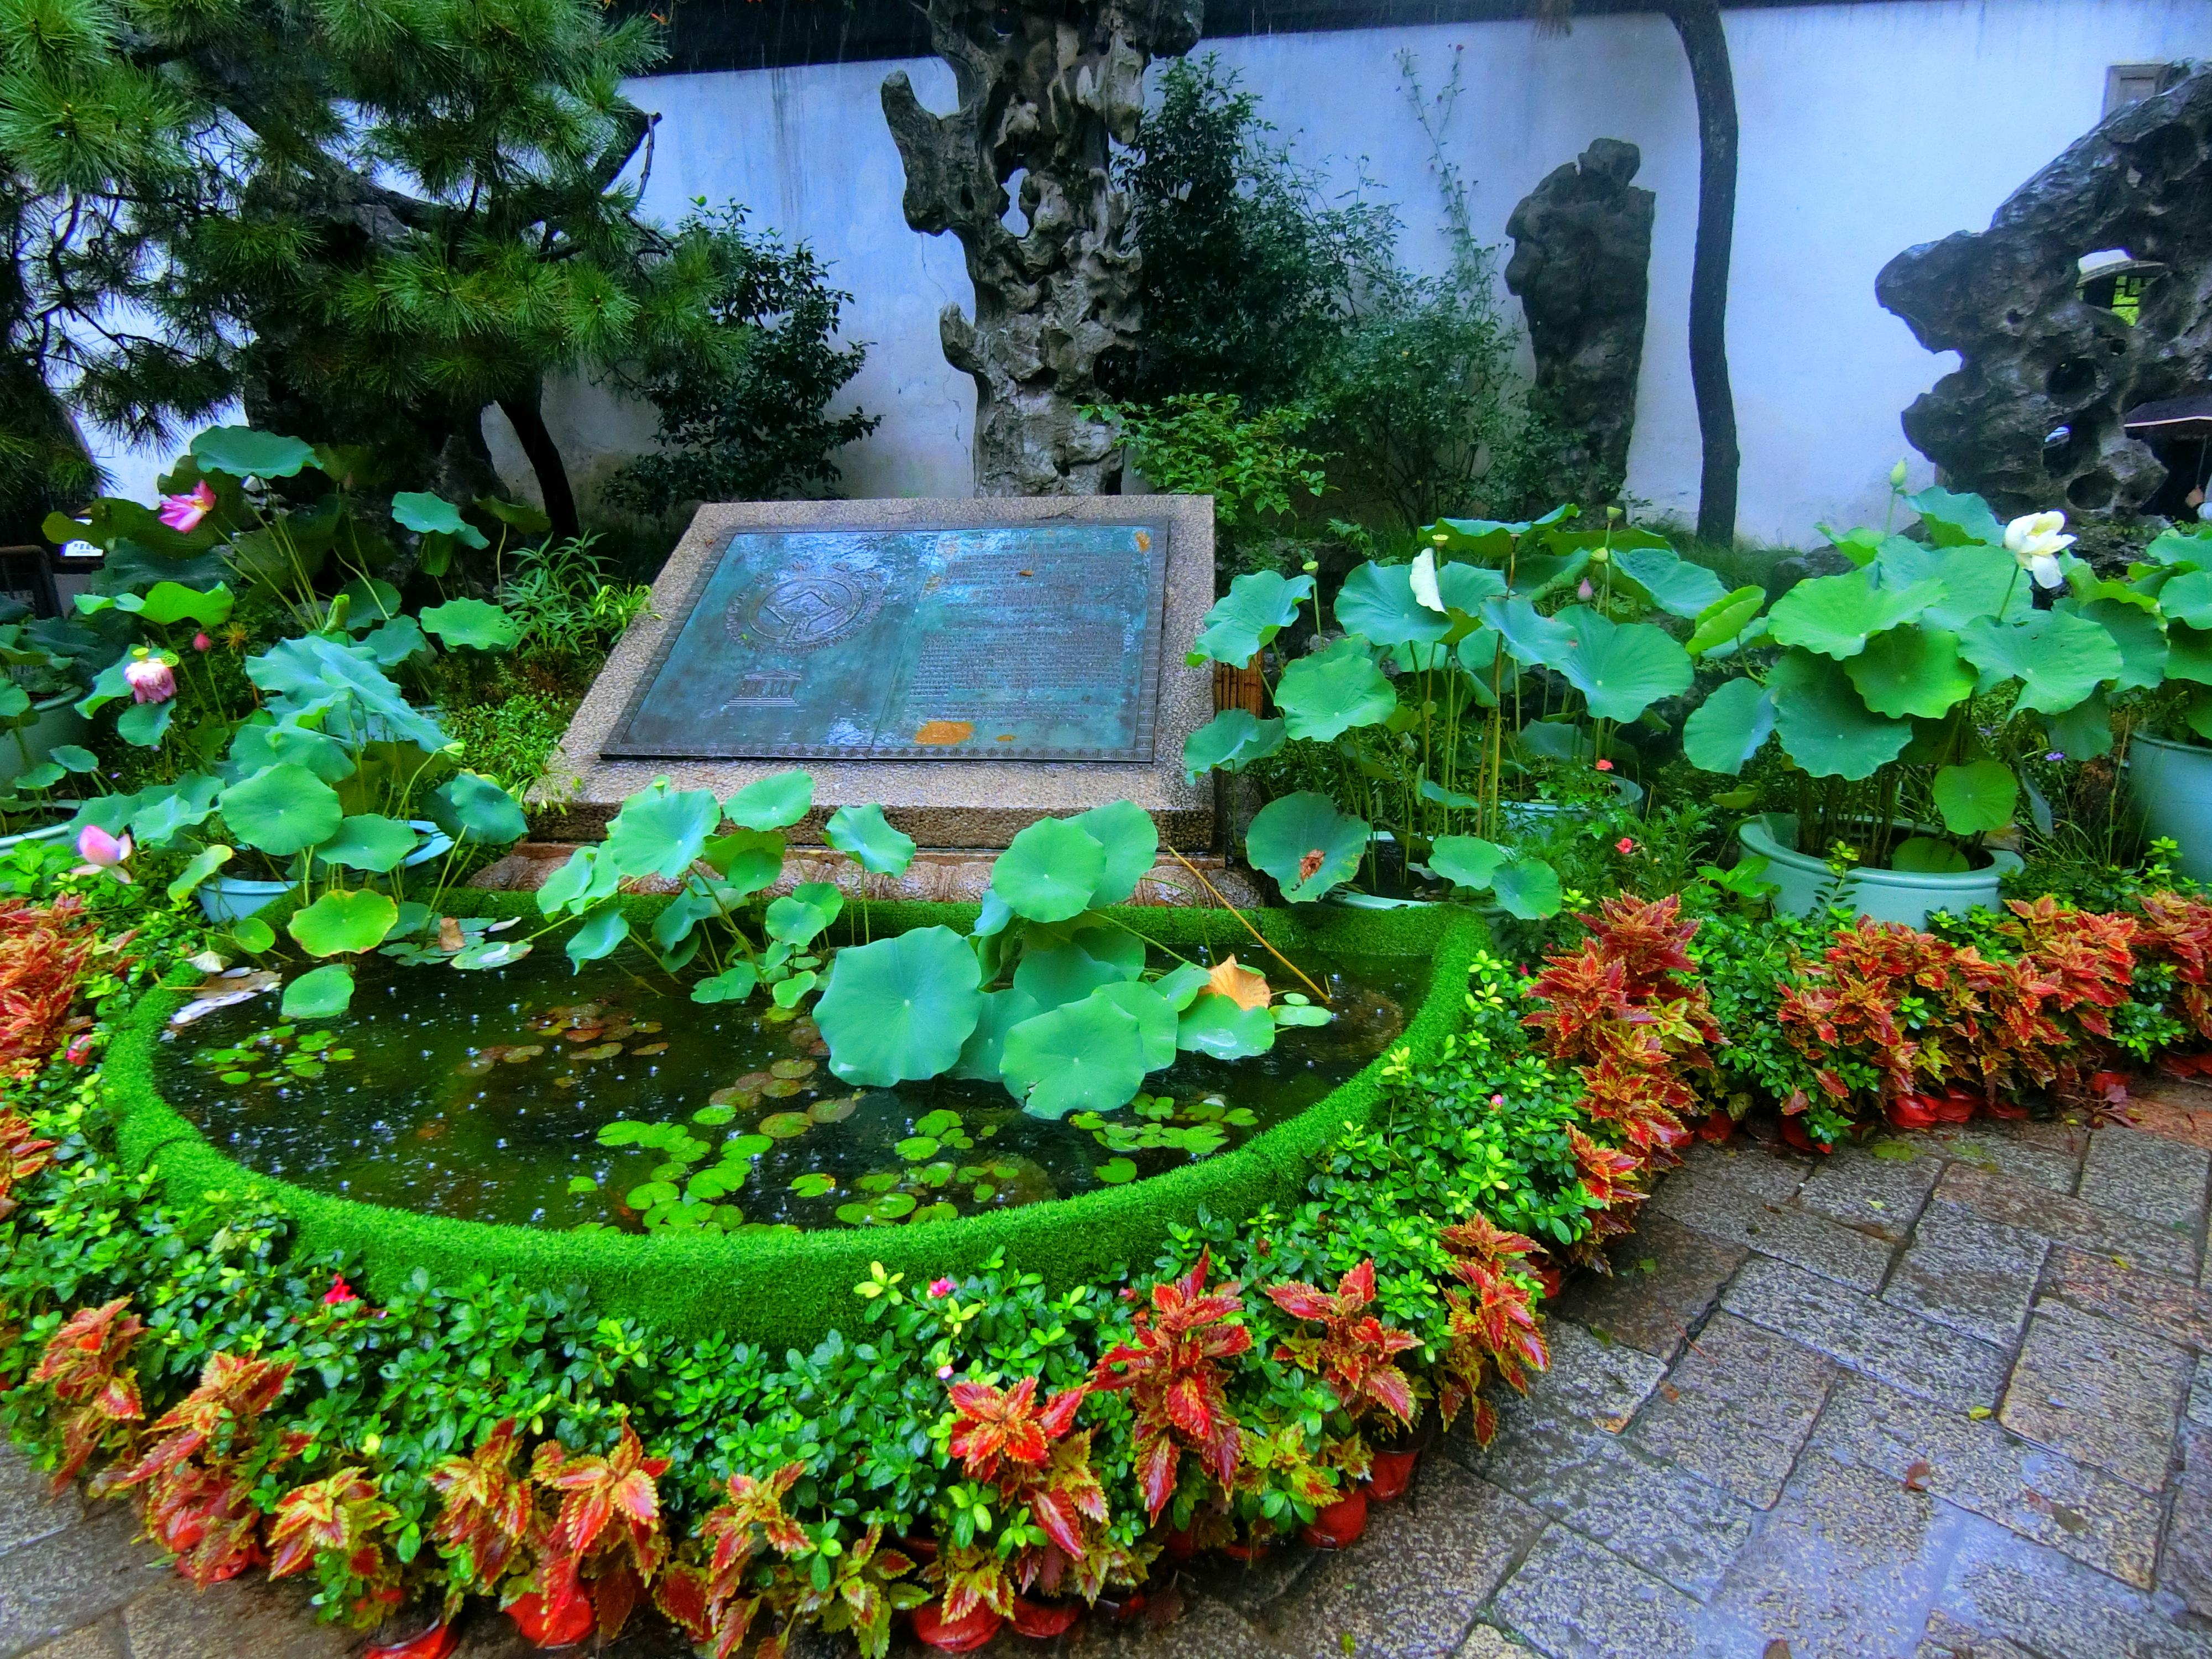 苏州拙政园 Suzhou Humble Administrator's Garden